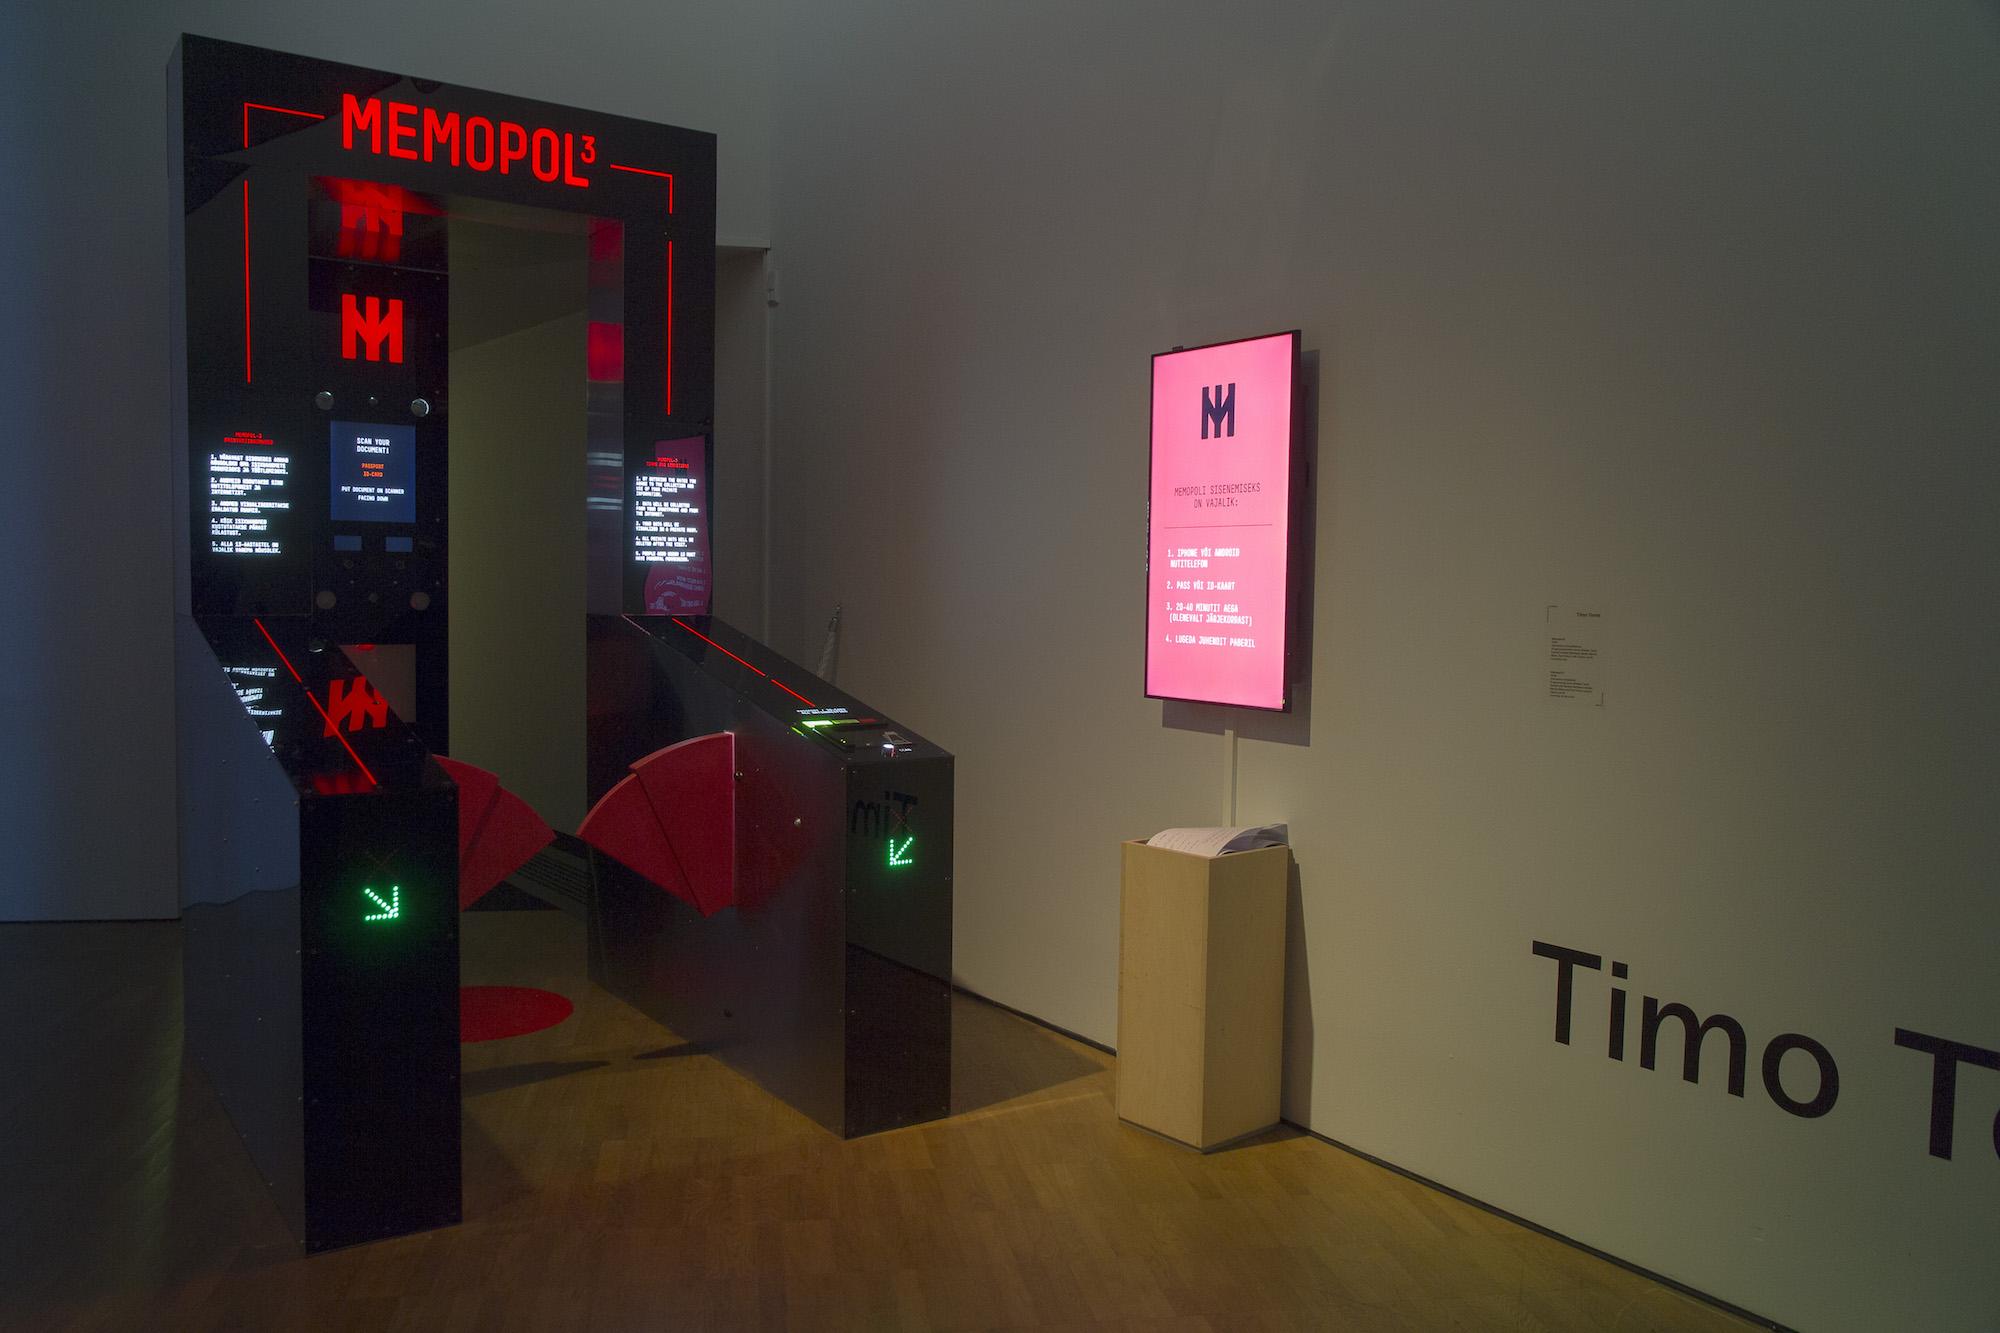 """Installatsiooni """"Memopol 3"""" sissepääs KUMU näitusel """"Ekraani arheoloogia"""" 2018. aastal"""